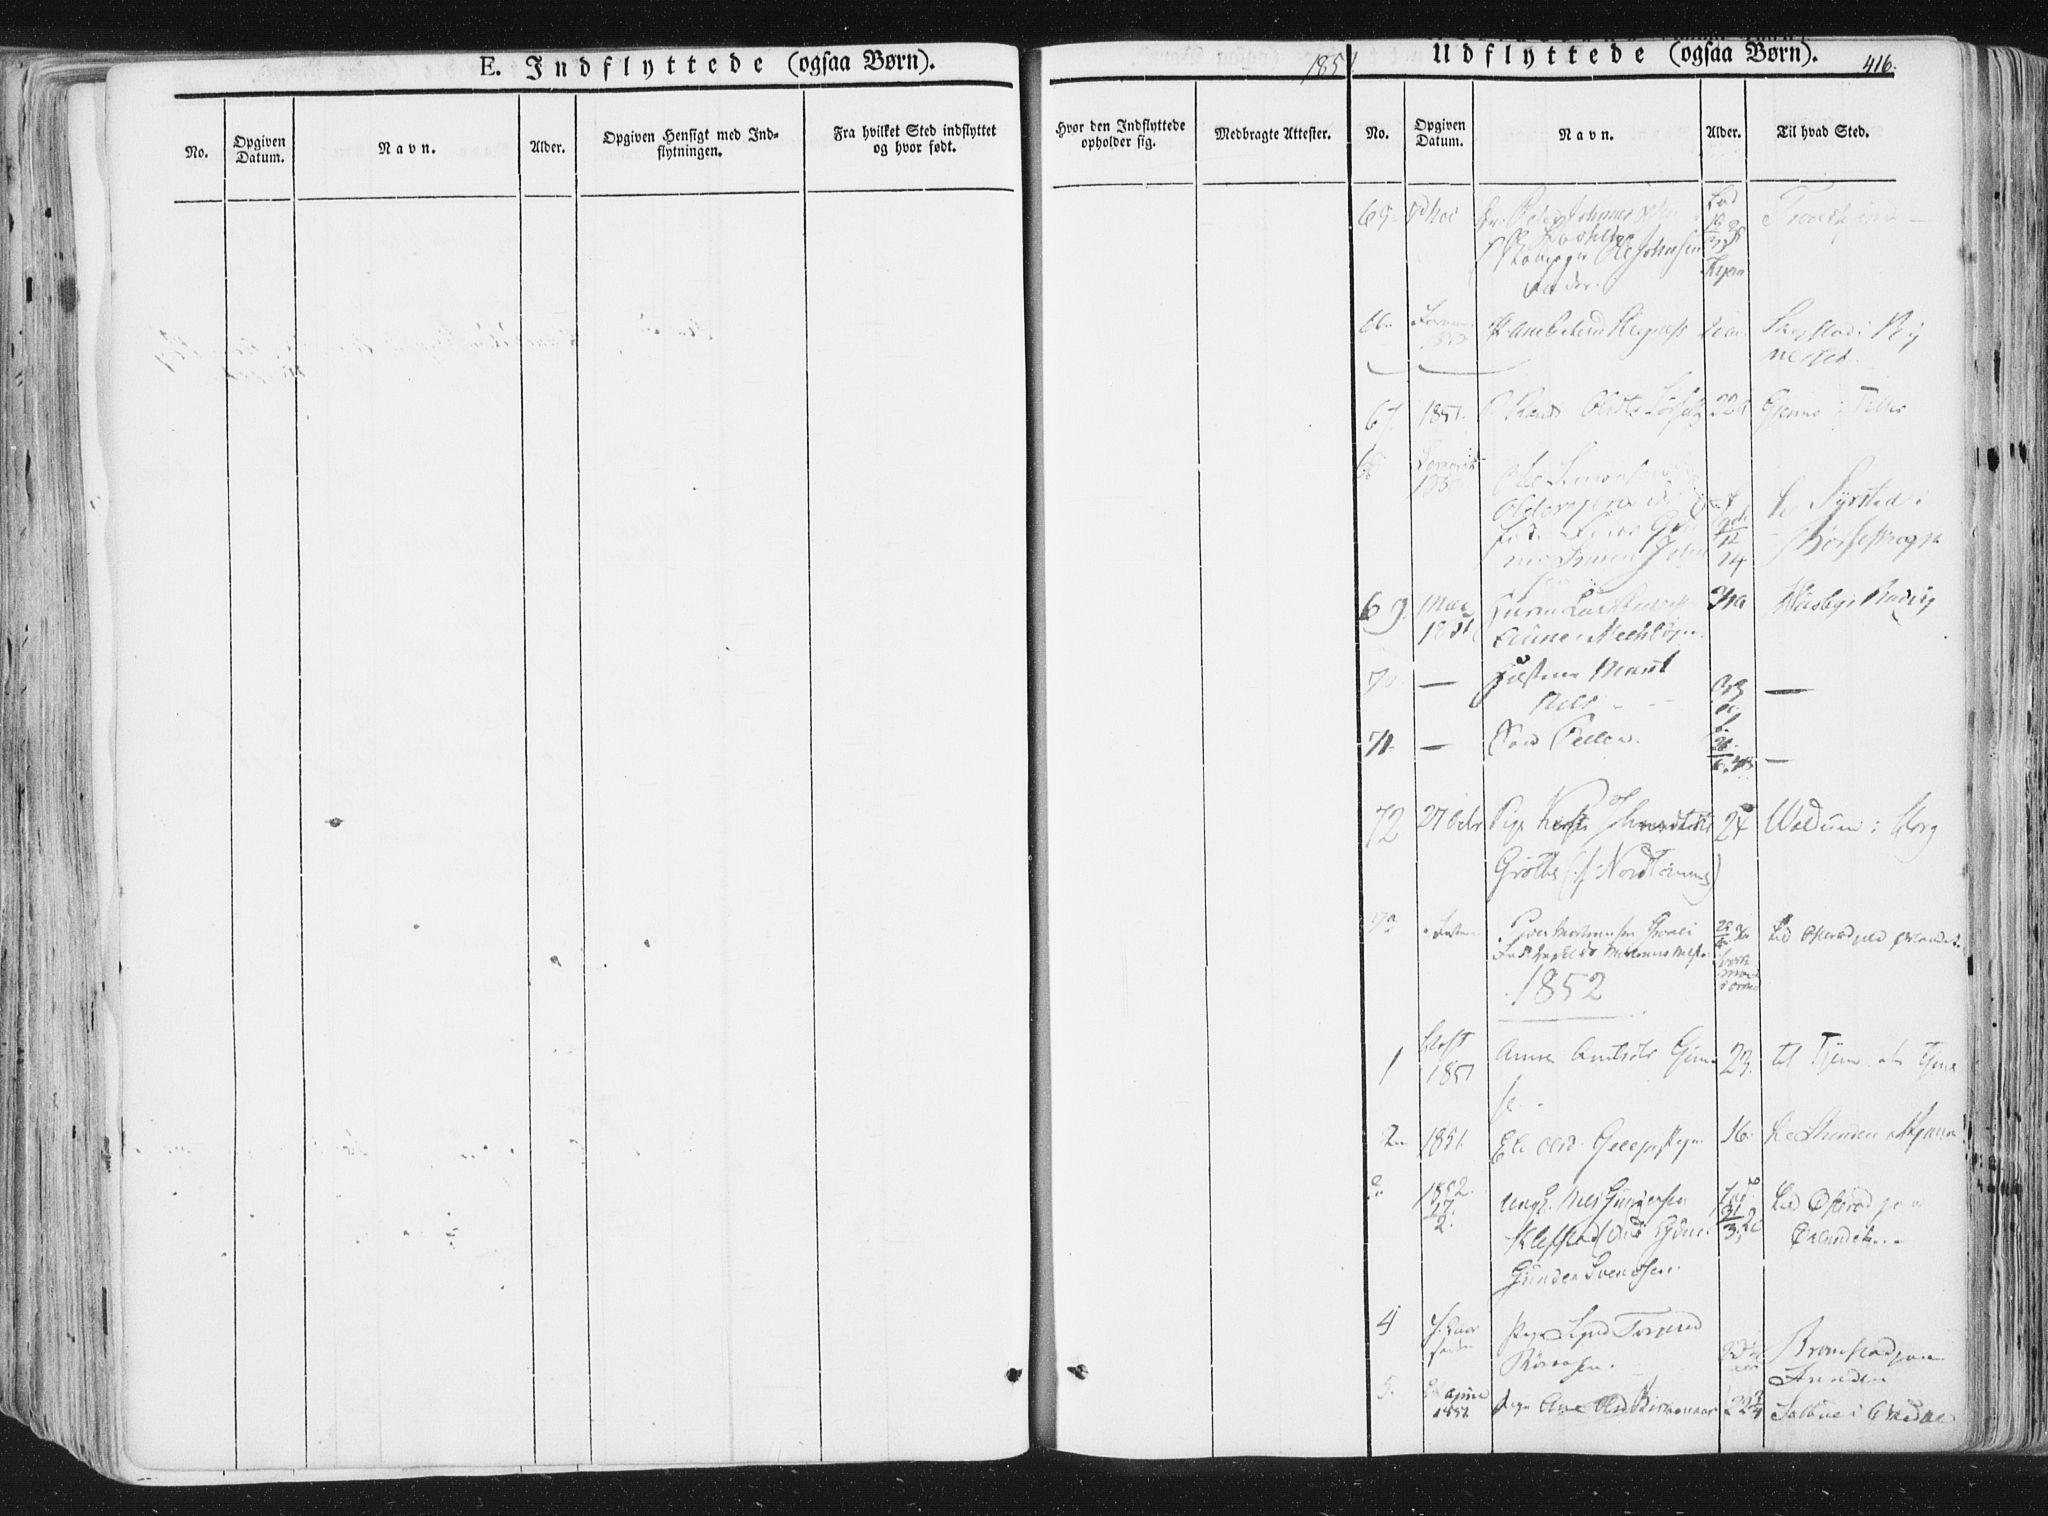 SAT, Ministerialprotokoller, klokkerbøker og fødselsregistre - Sør-Trøndelag, 691/L1074: Ministerialbok nr. 691A06, 1842-1852, s. 416